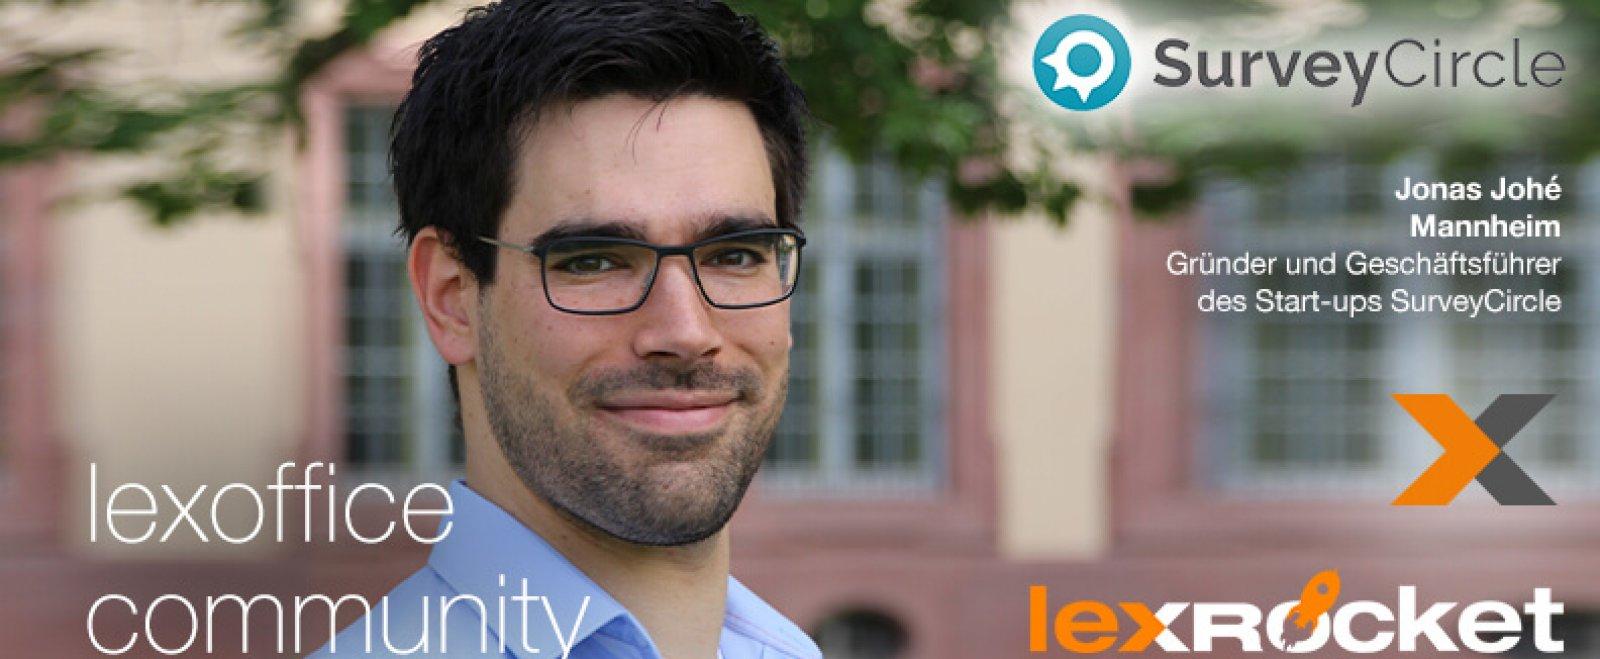 lexRocket & lexoffice Community Interview: Jonas Johé von surveycircle